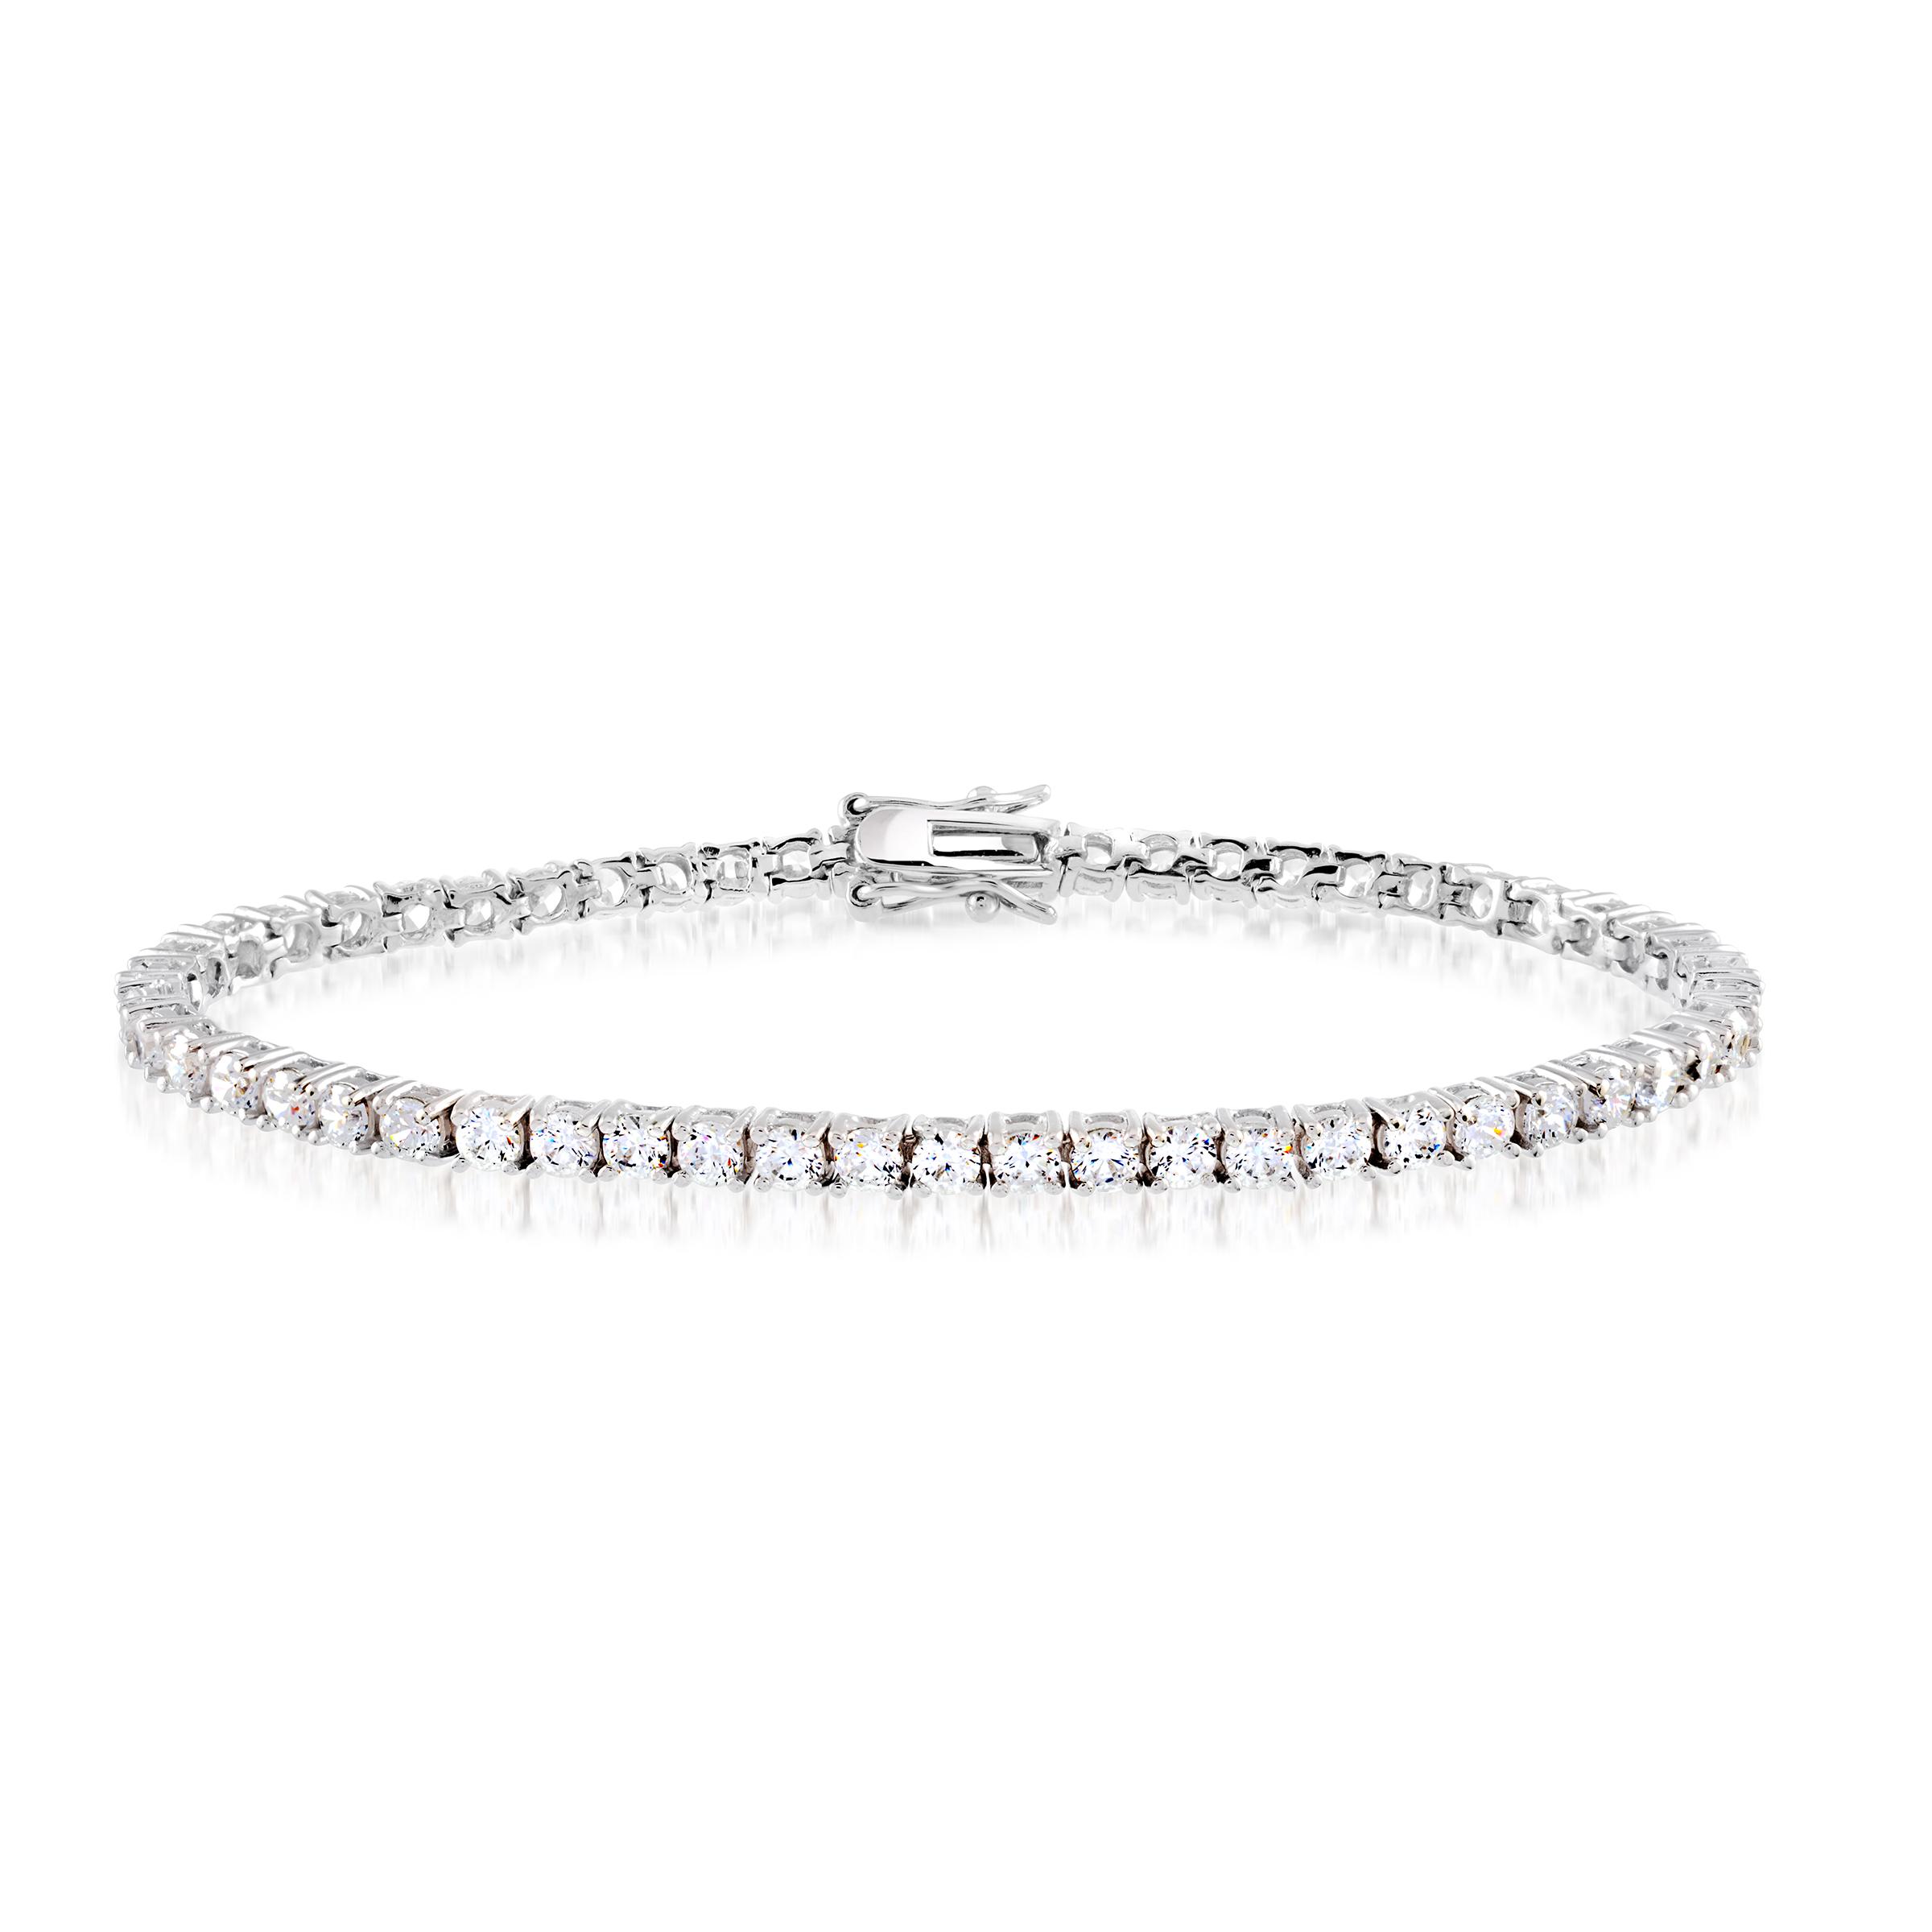 Bracelet tennis 7.25'' pour femme - Argent sterling & Zircons cubiques